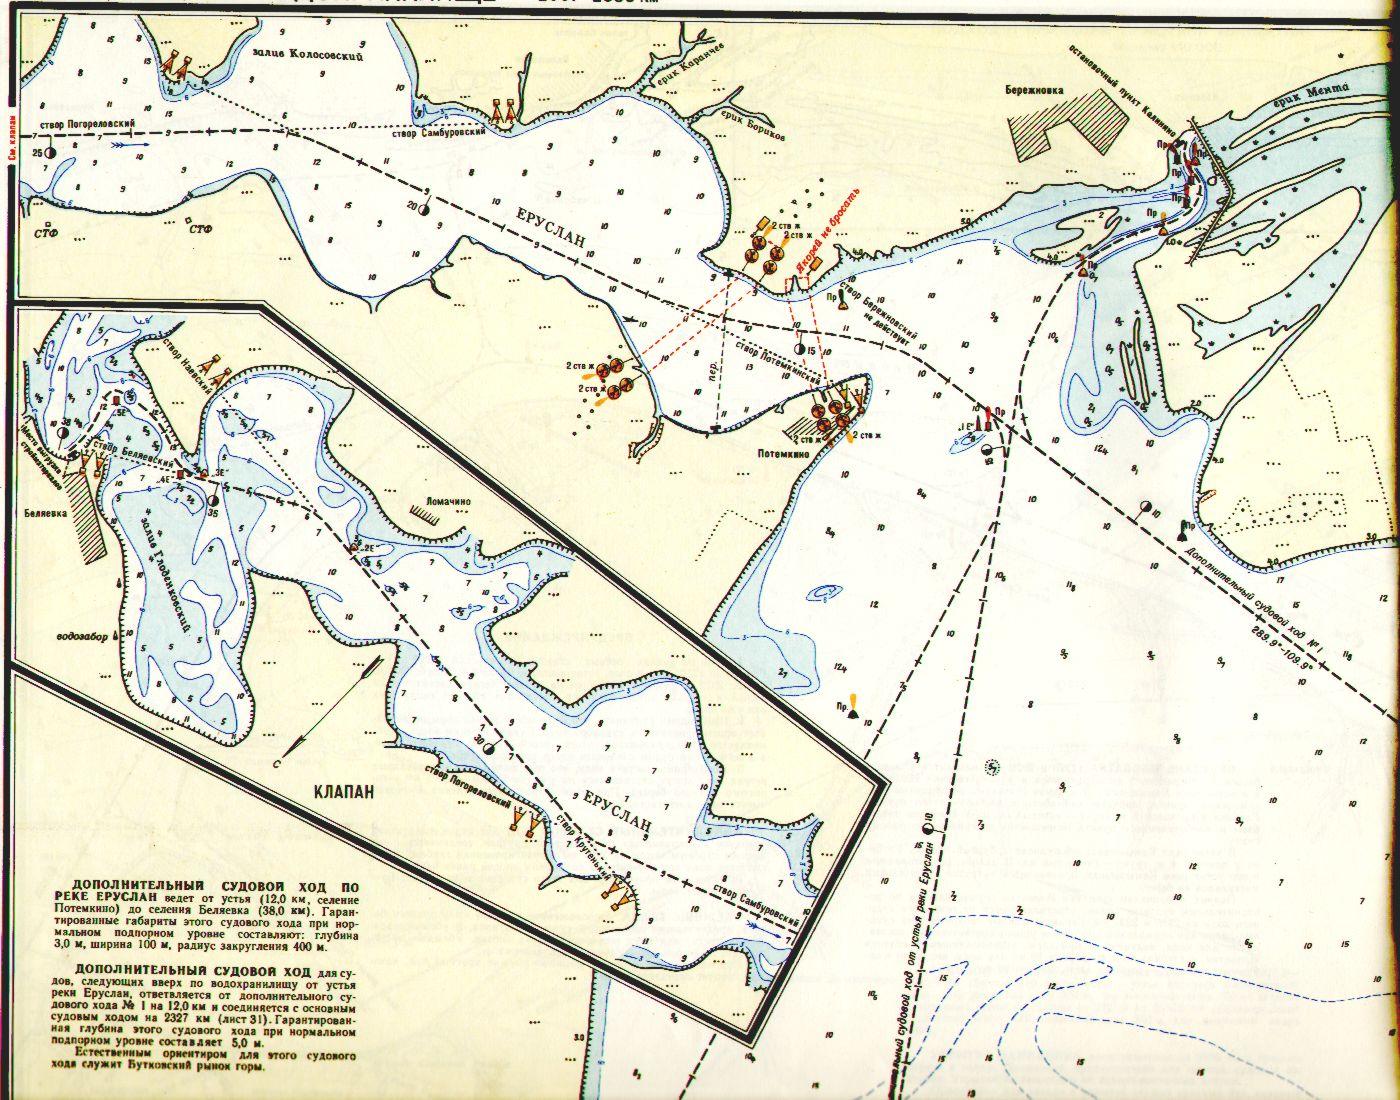 лоцманская карта самарского водохранилища называет пять